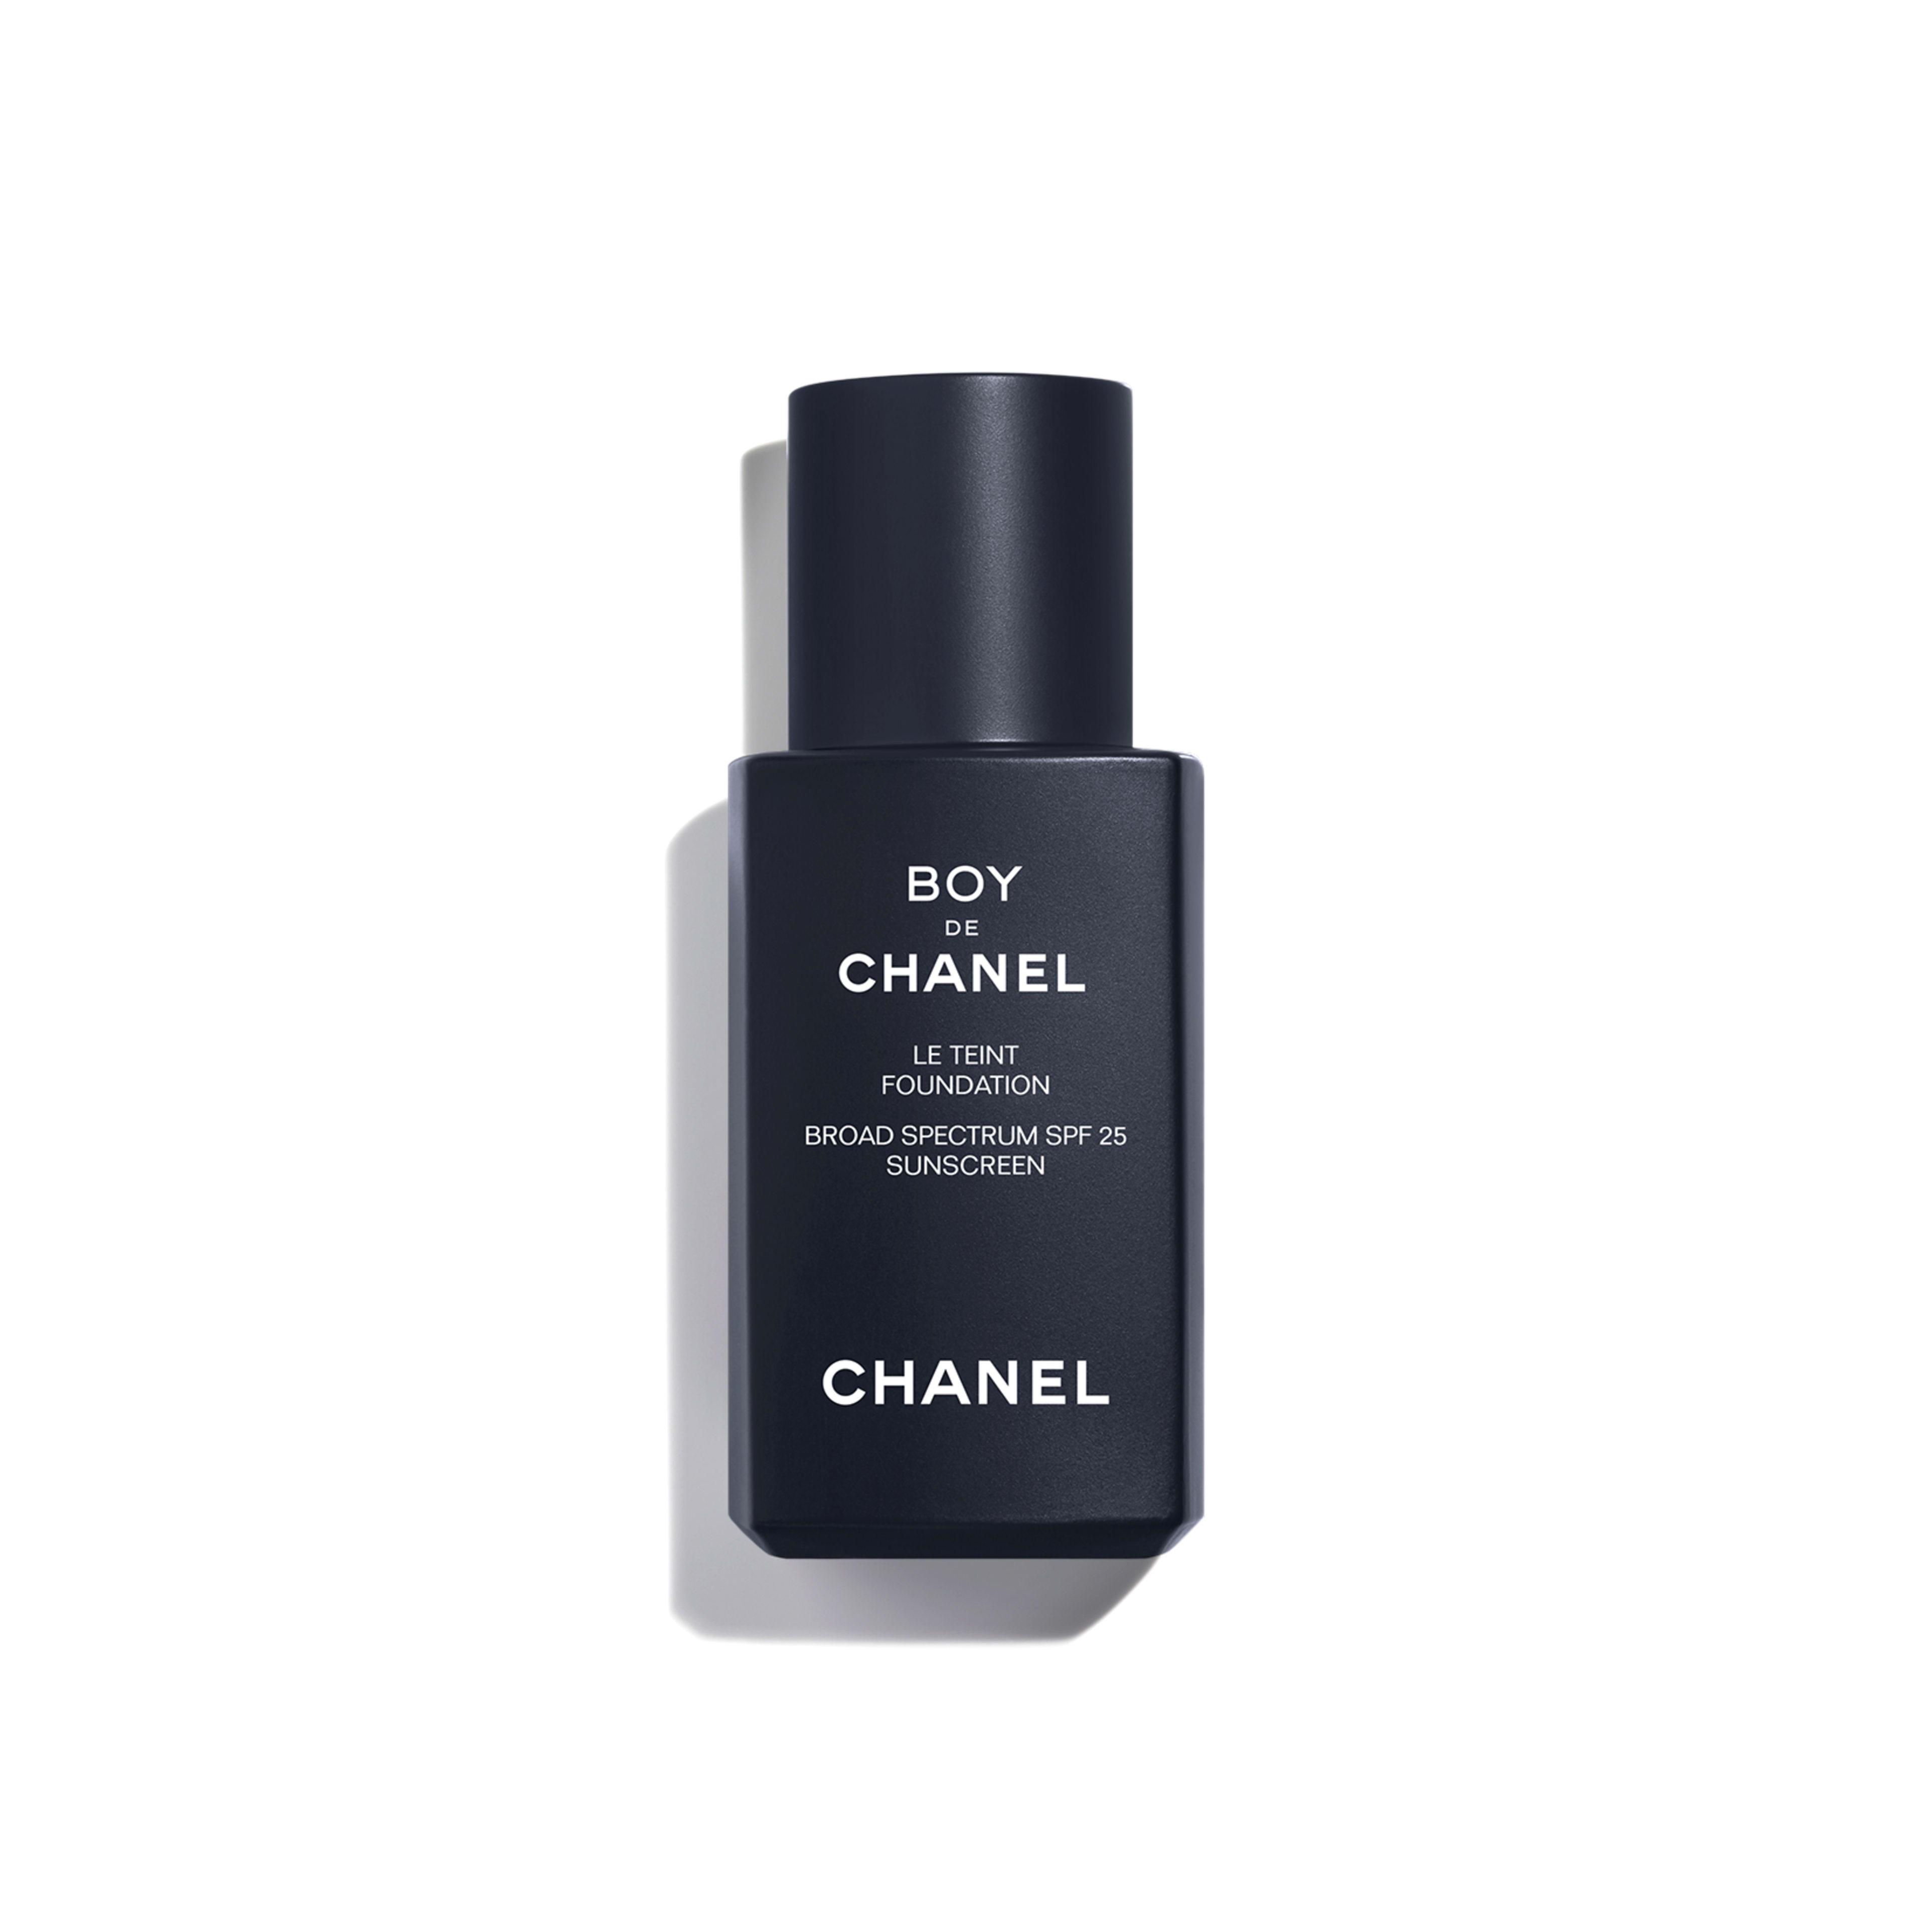 BOY DE CHANEL - makeup - 1FL. OZ. - Default view